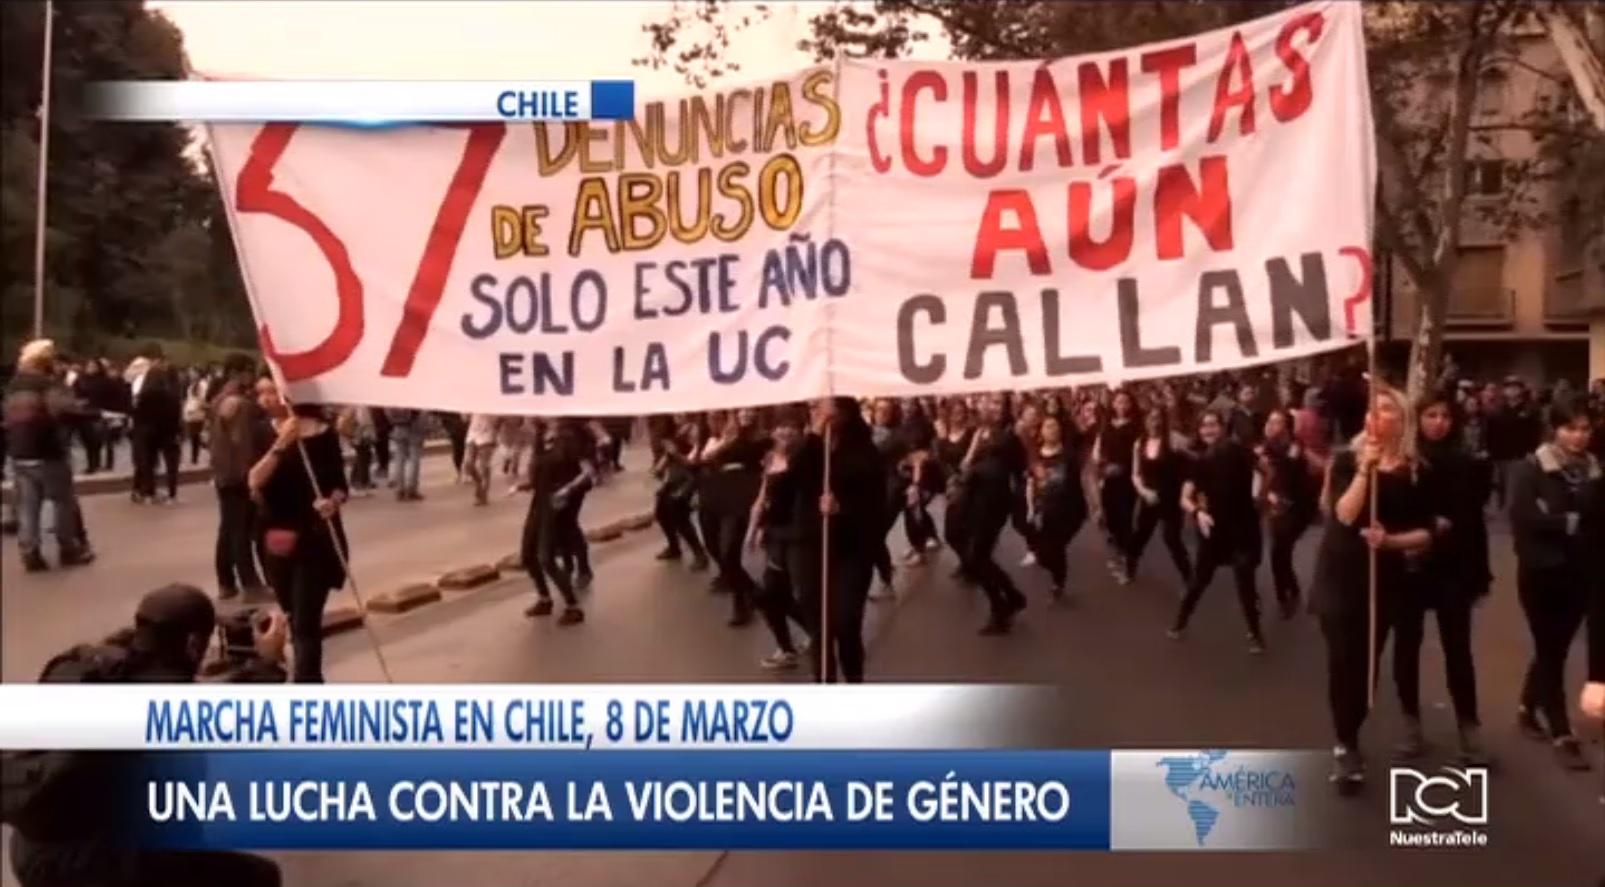 Colectivo feminista convocó marcha en Chile para apoyar la lucha contra la violencia de género